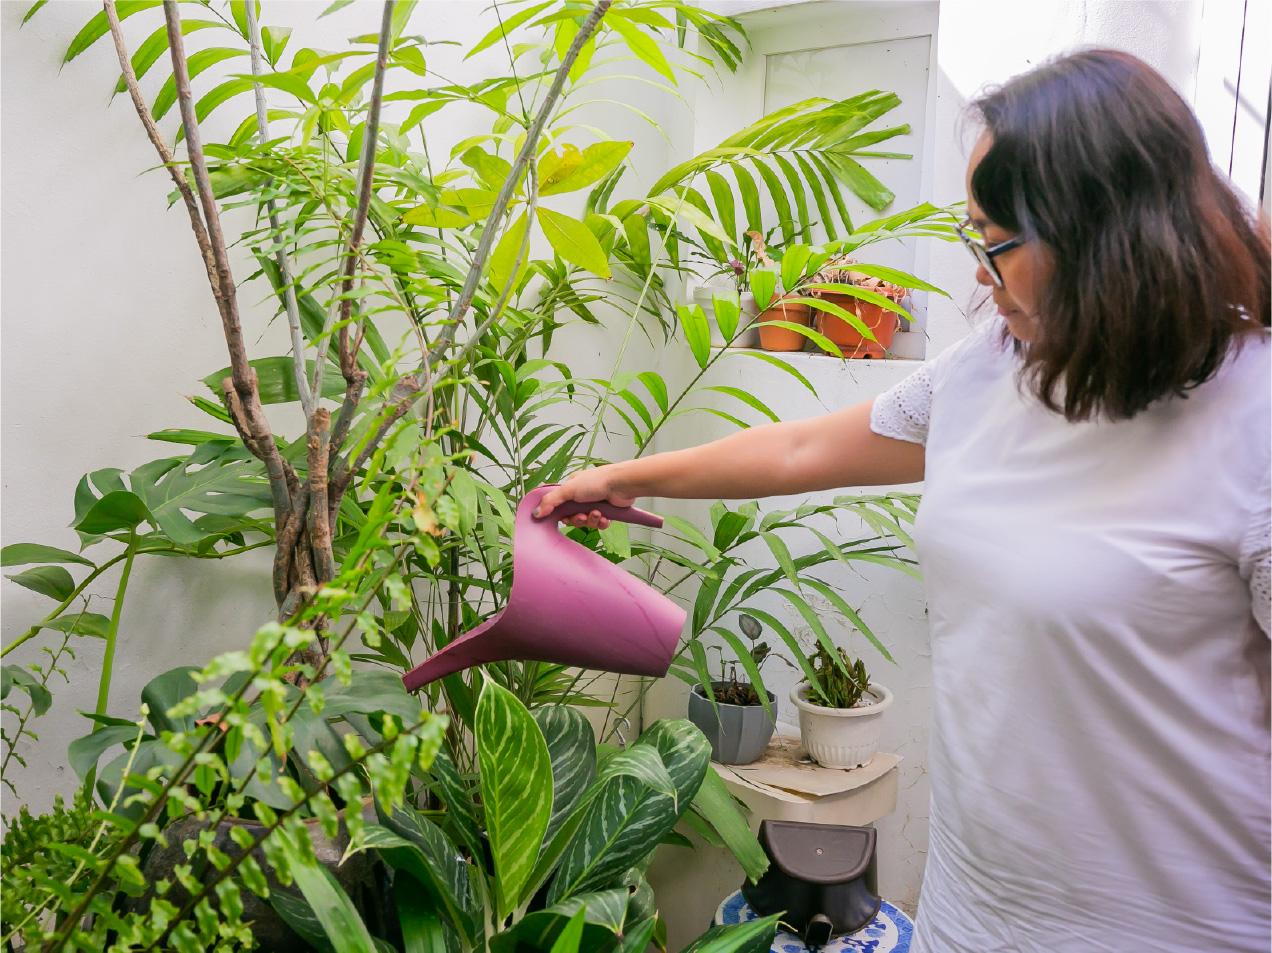 Sherry Ann watering plants